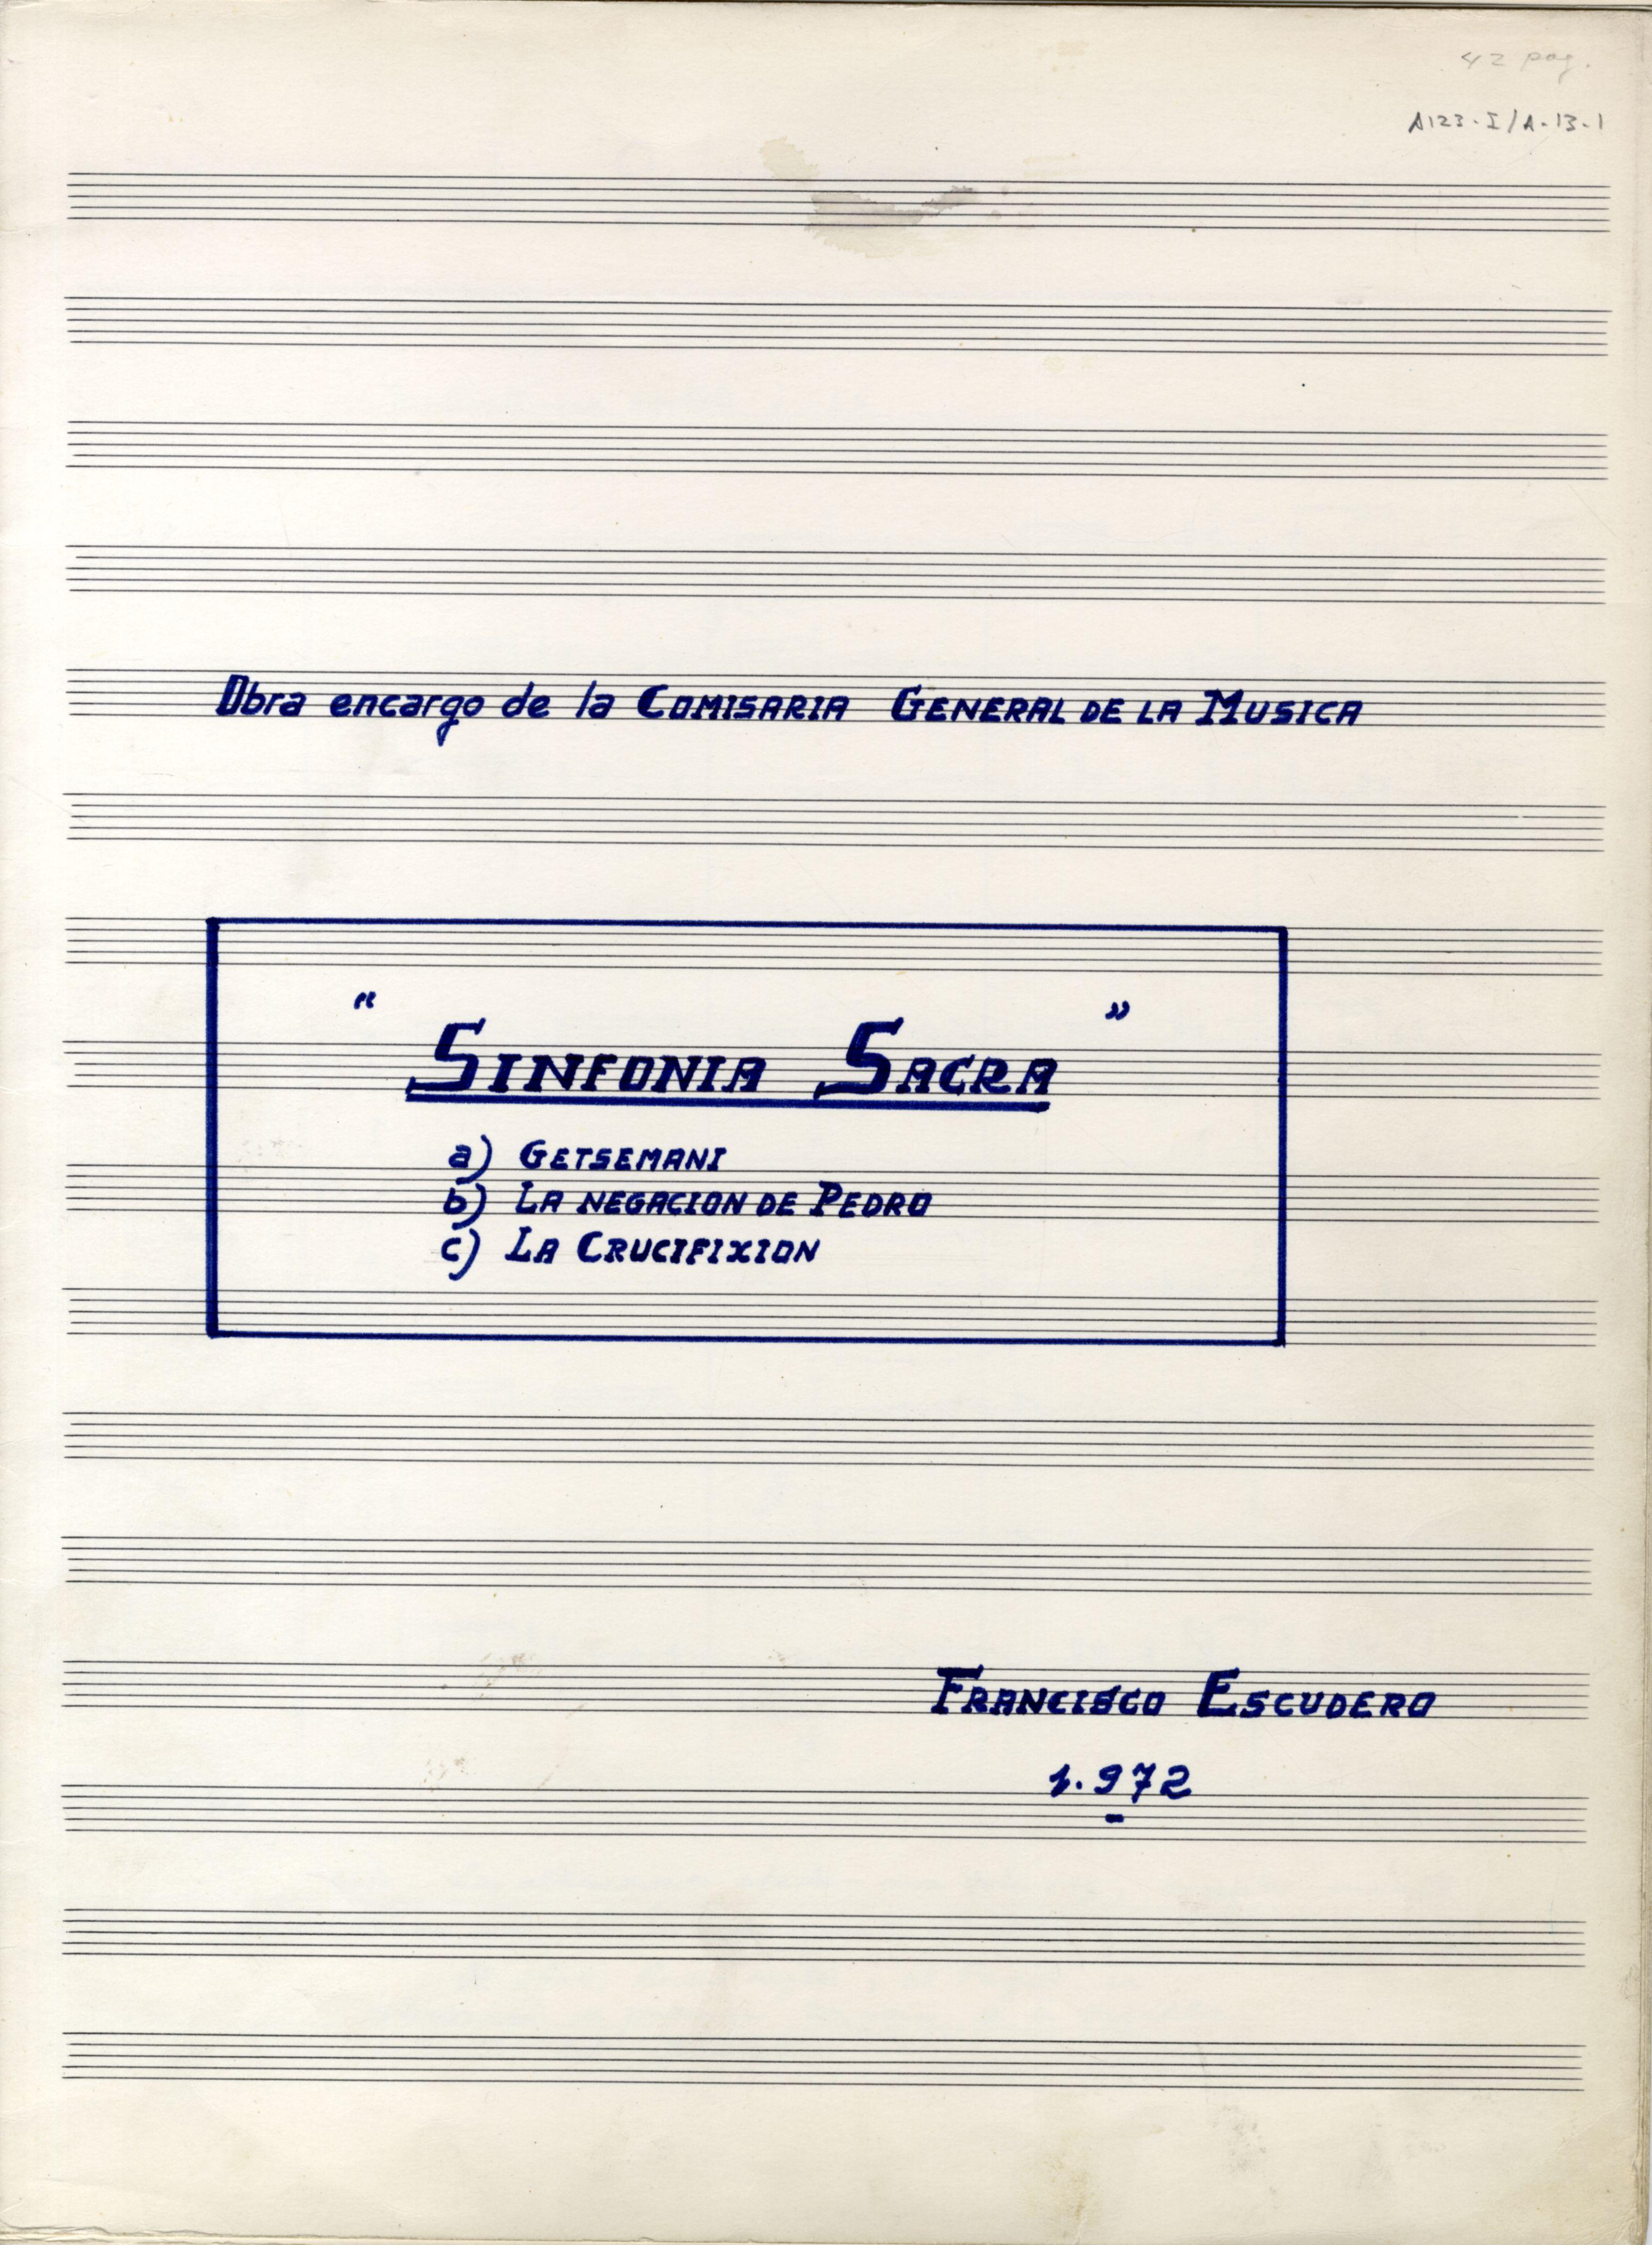 escudero-sinfonia-sacra